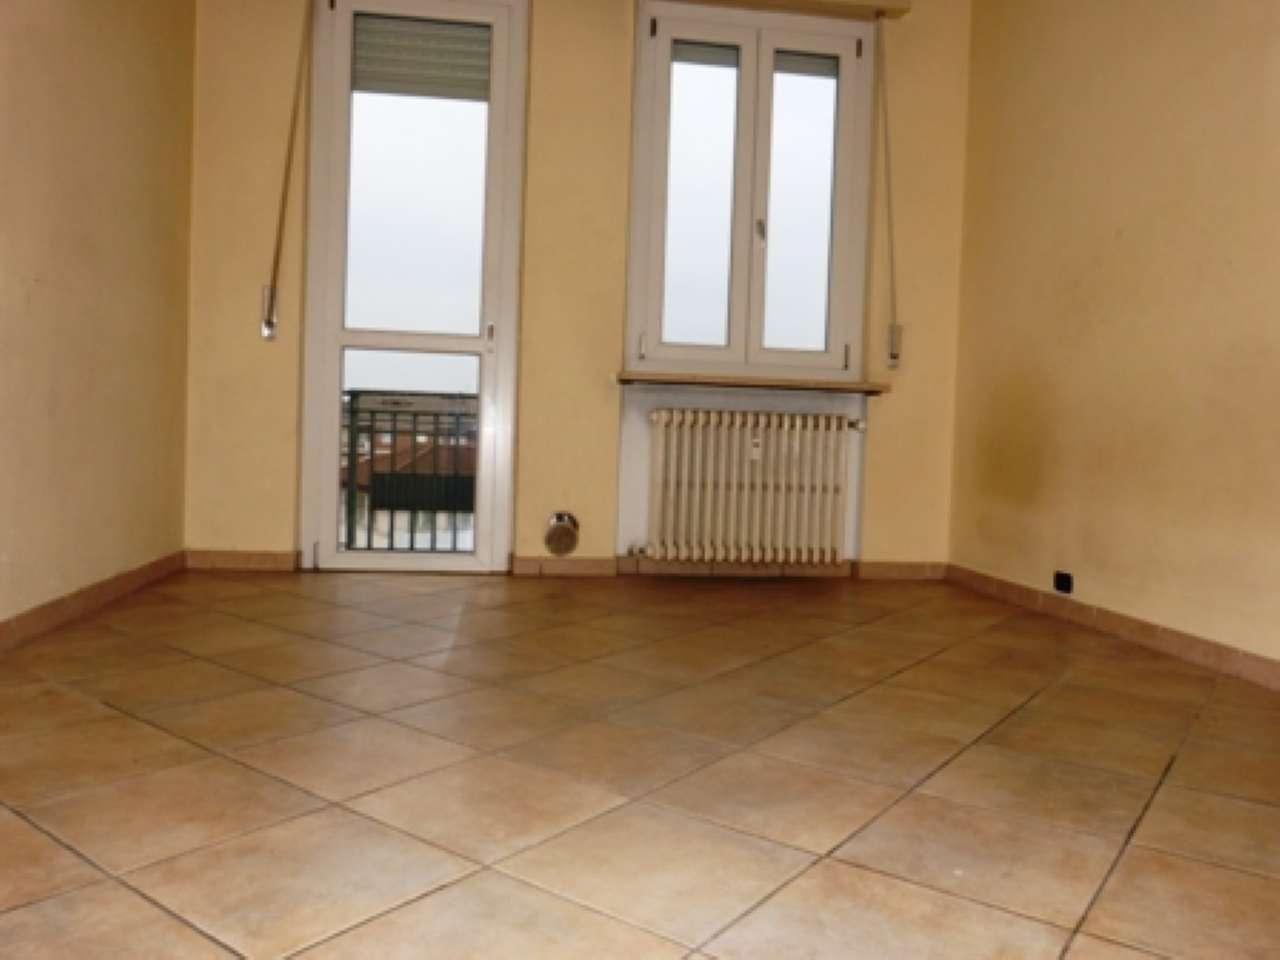 Appartamento in vendita a Fossano, 3 locali, prezzo € 52.000 | CambioCasa.it